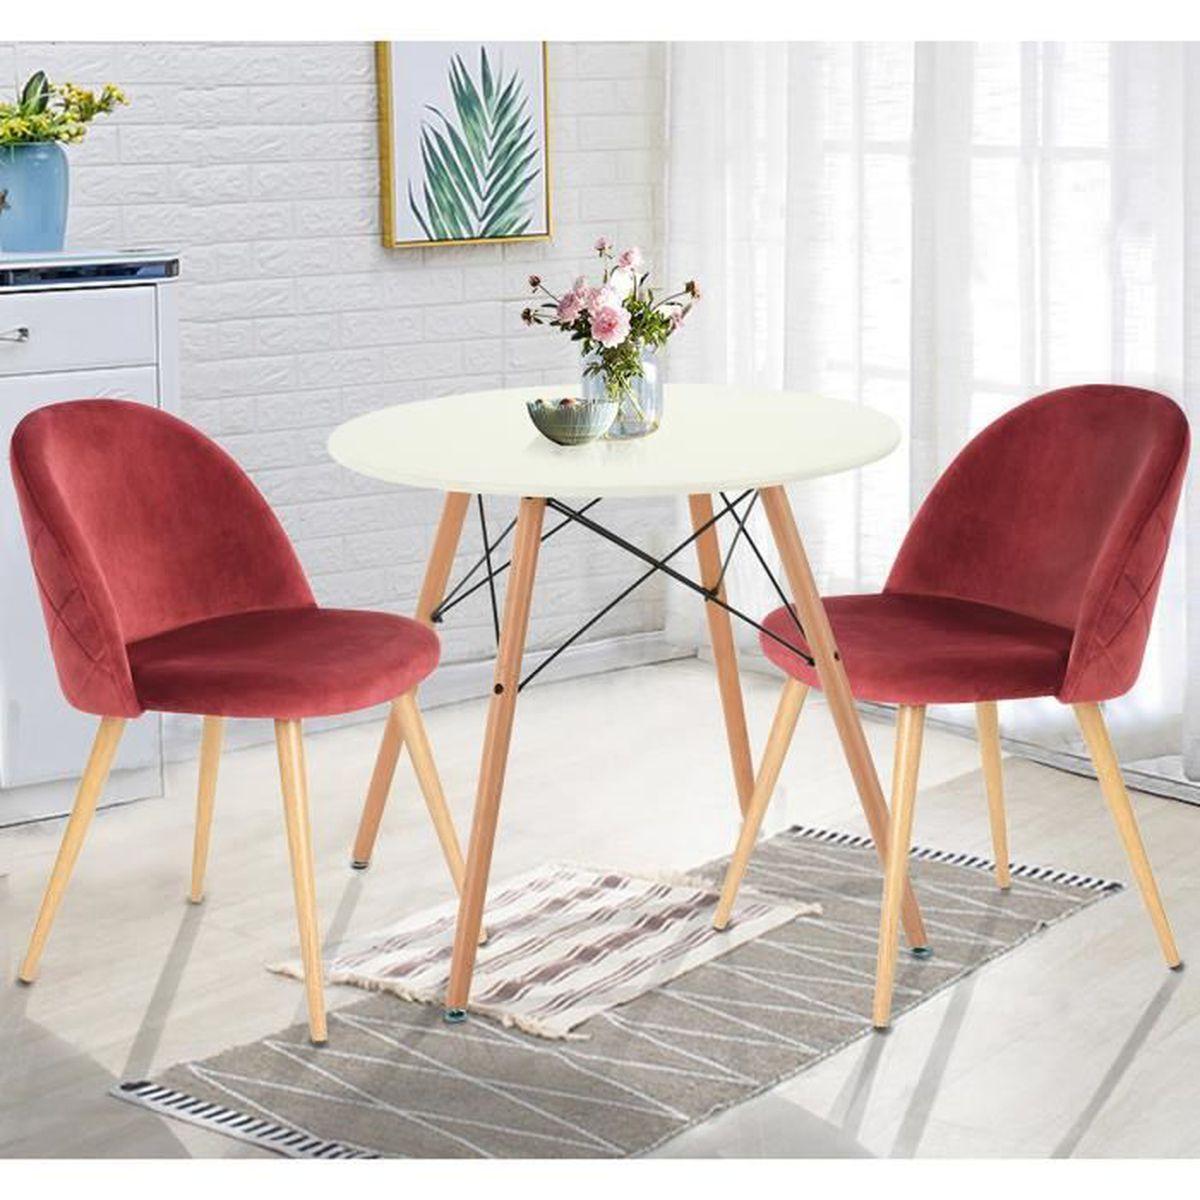 TABLE À MANGER SEULE Homy Casa Table à Manger Ronde Scandinave Plateau